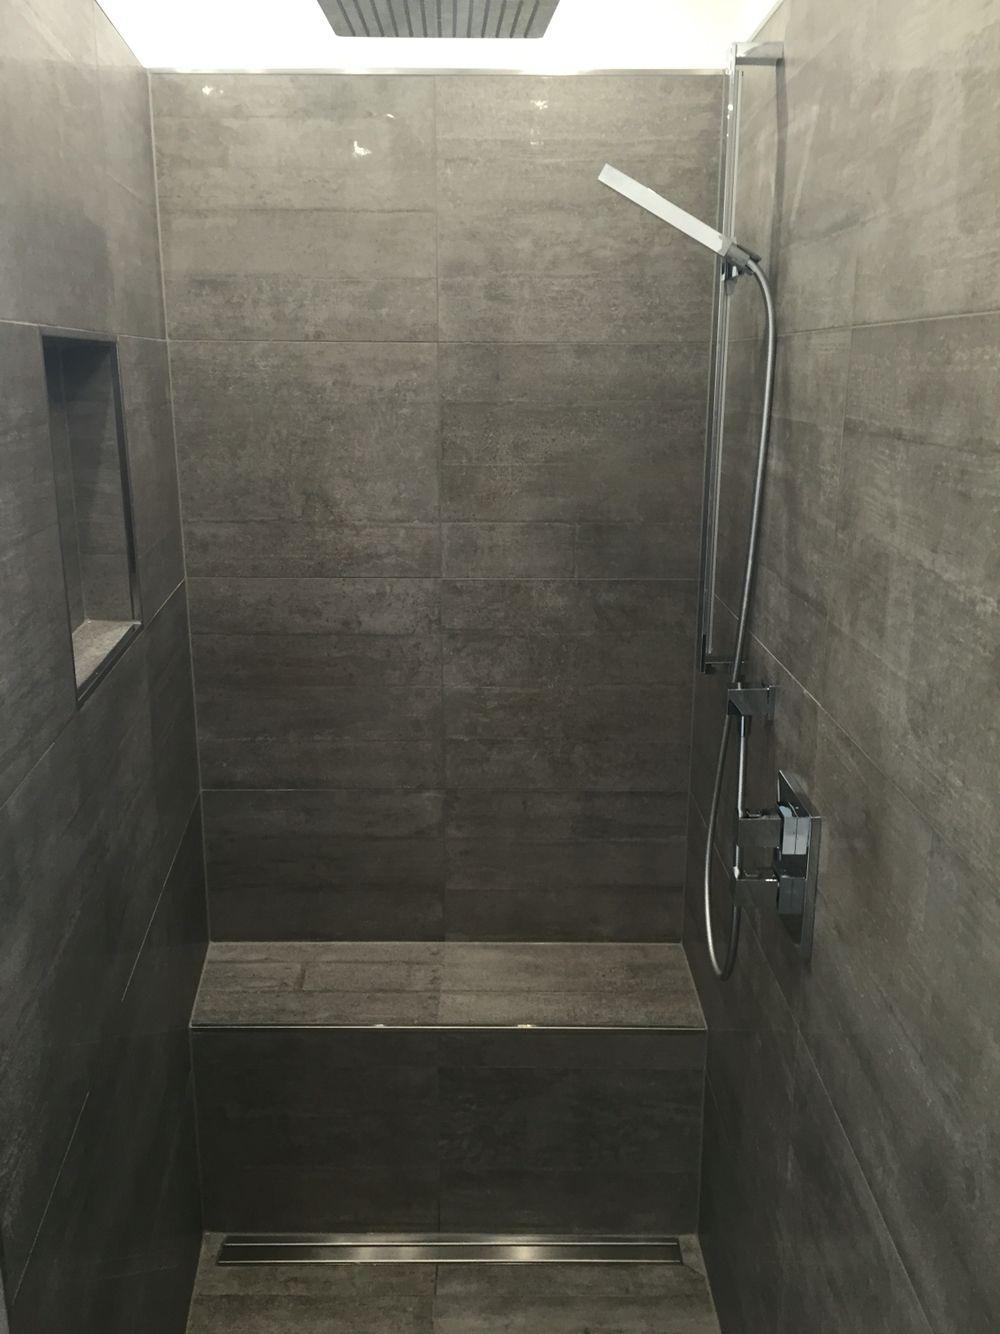 Begehbare Dusche Graue Fliesen In Betonoptik Geflieste Sitzbank Begehbare Dusche Dusche Fliesen Fliesen Betonoptik